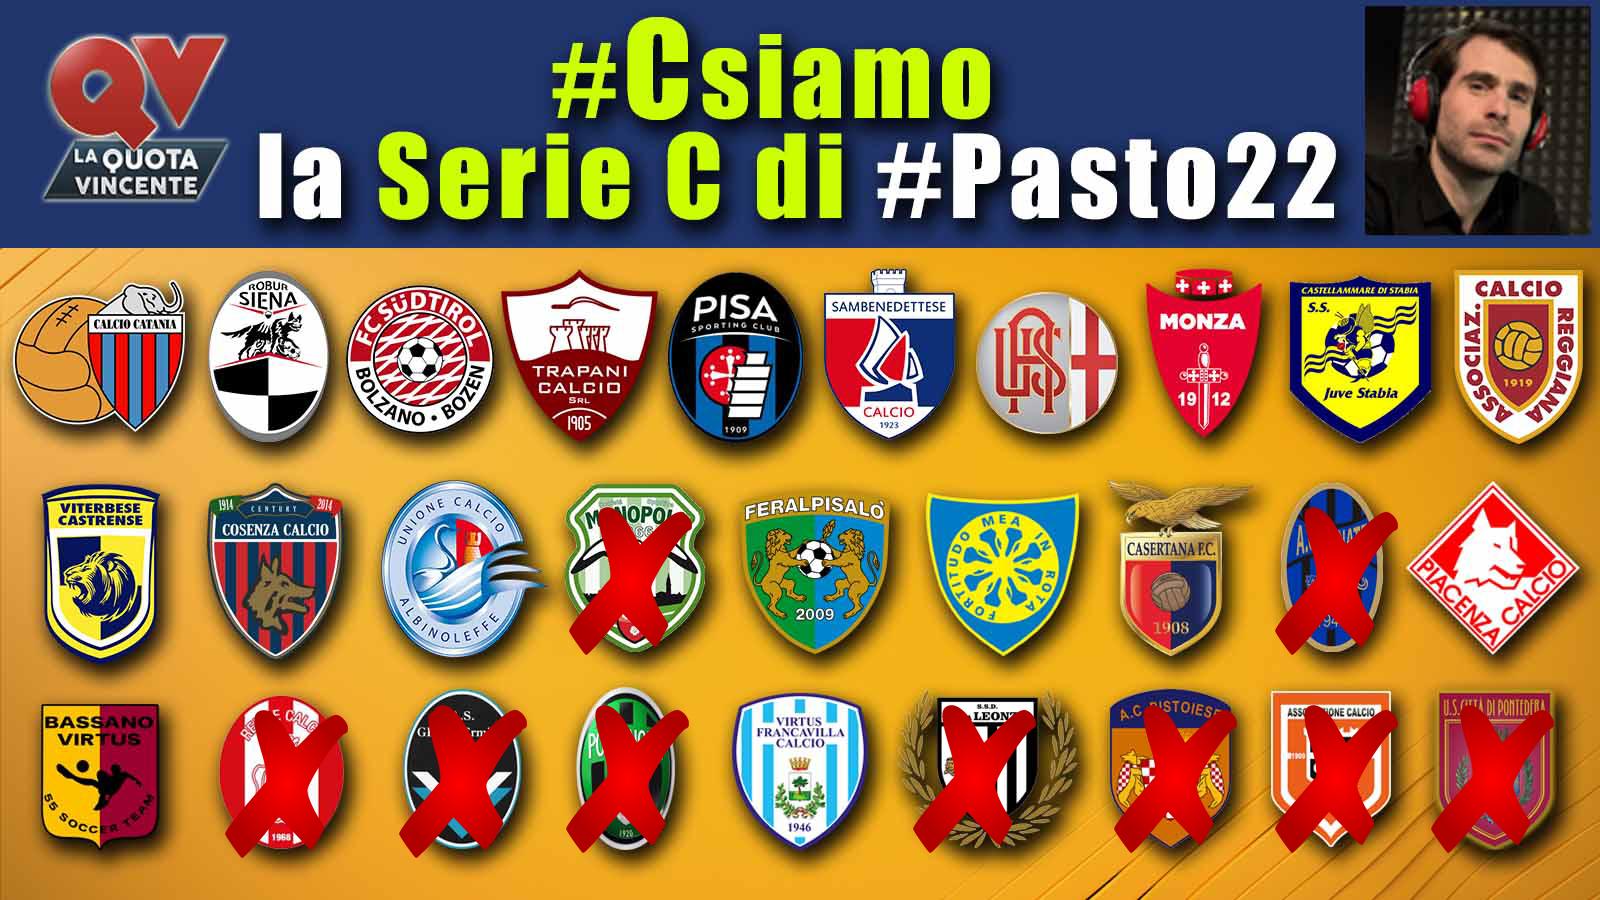 Pronostici Serie C martedì 15 maggio: #Csiamo, il blog di #Pasto22 speciale playoff